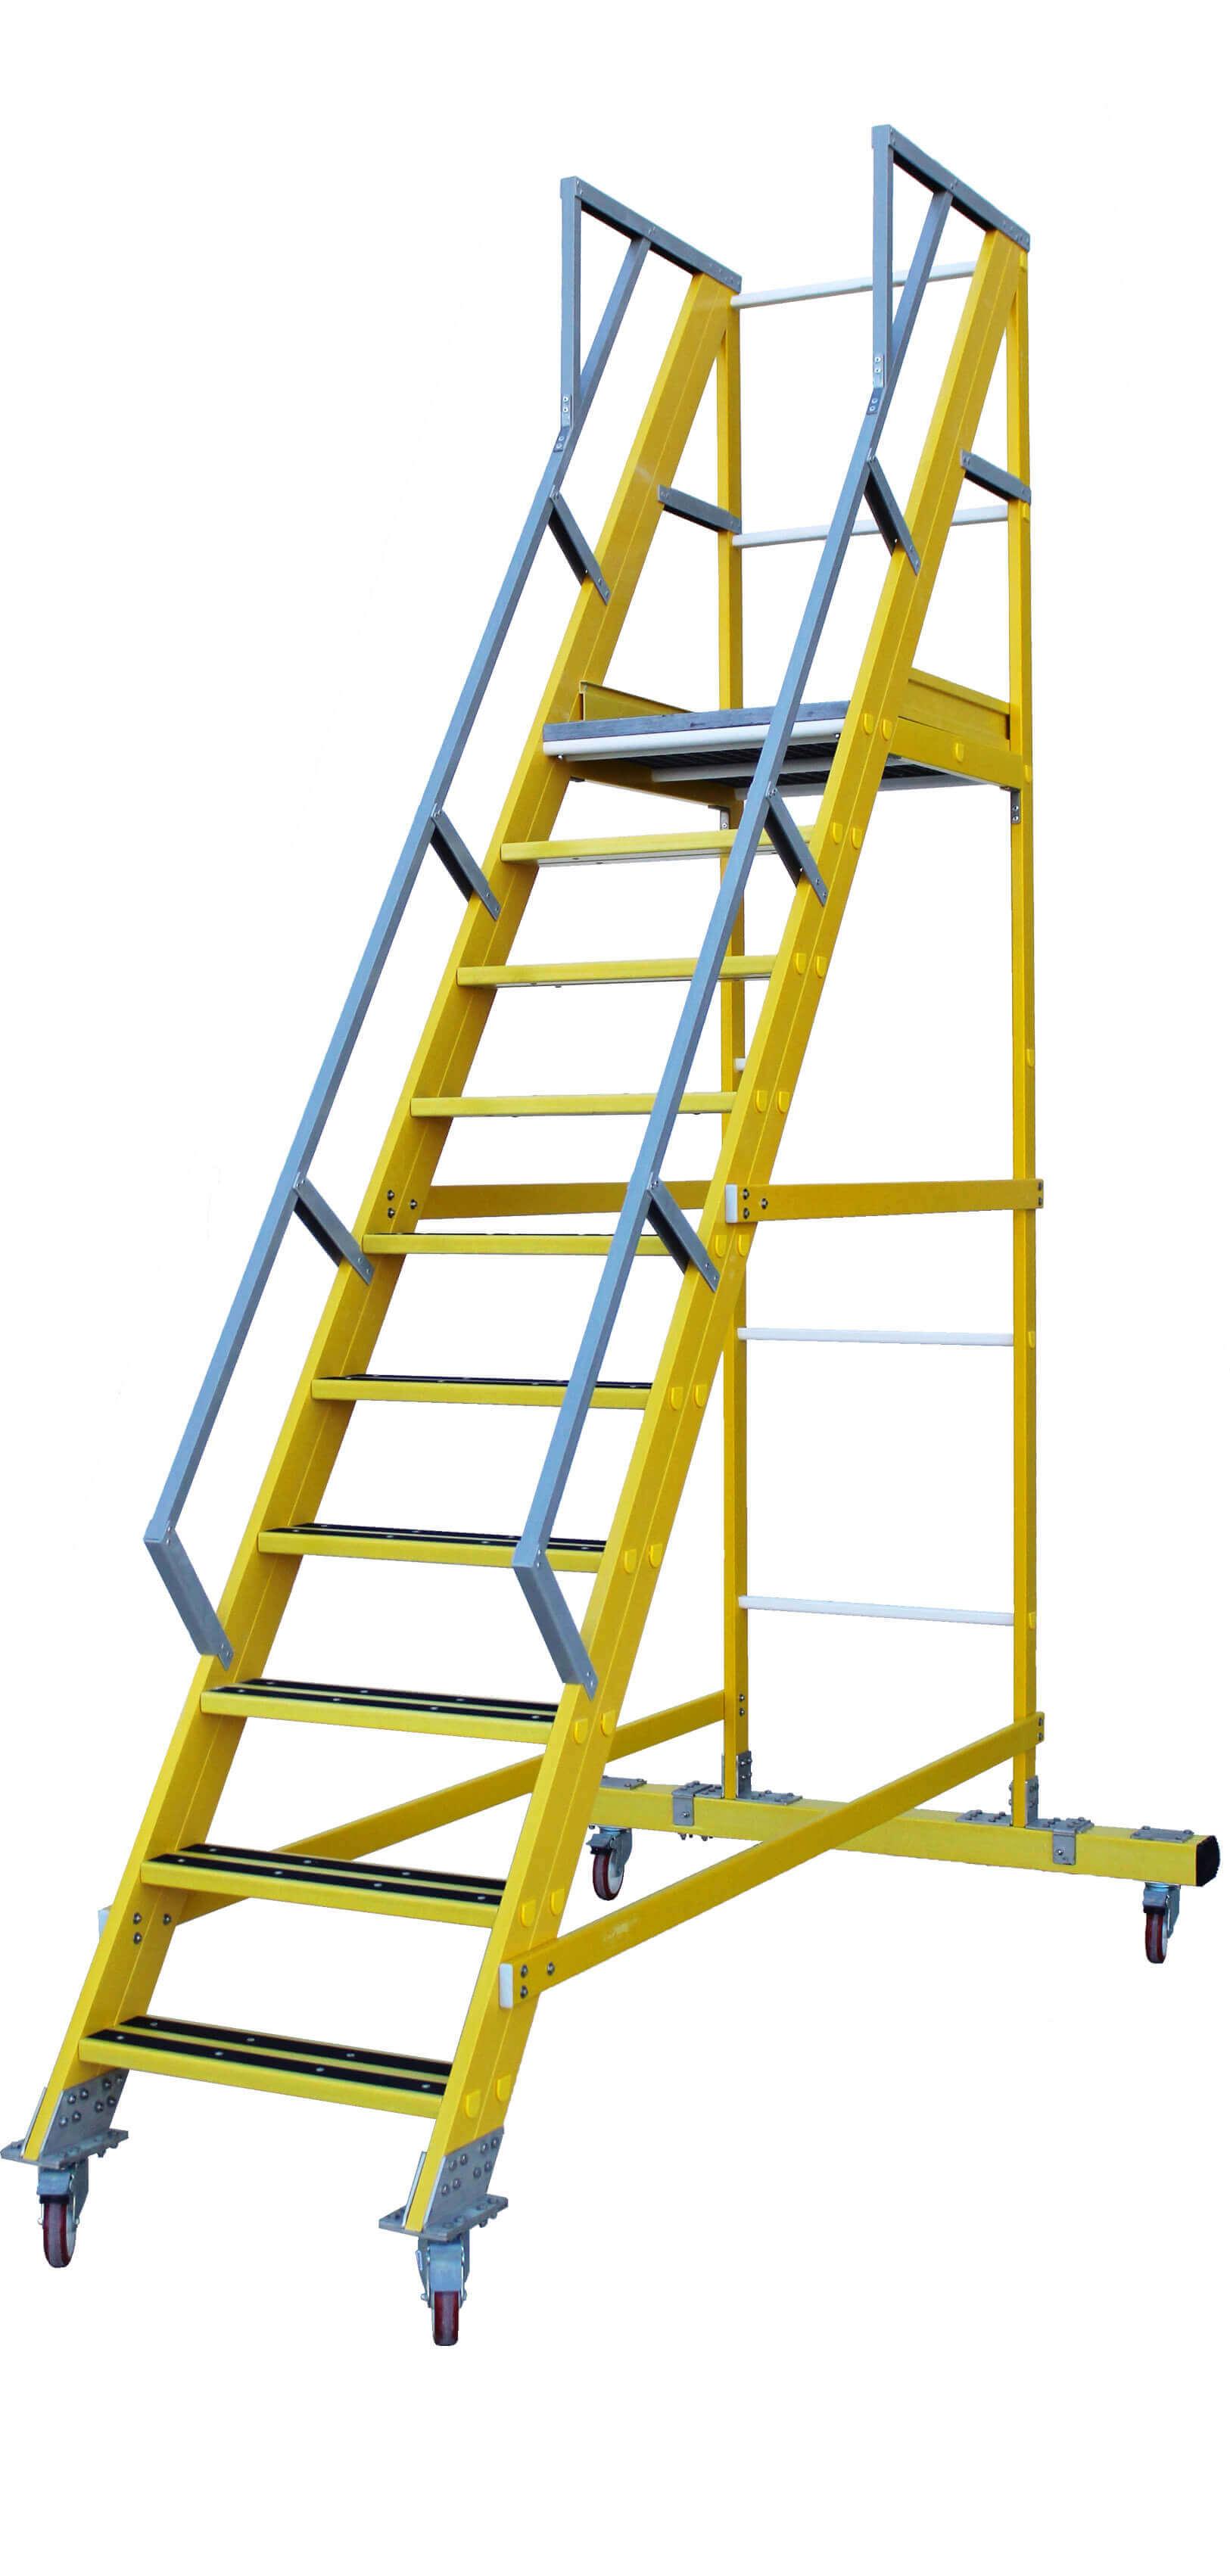 Escaleras de almac n fabricaci n y venta escaleras arizona - Escaleras para almacen ...